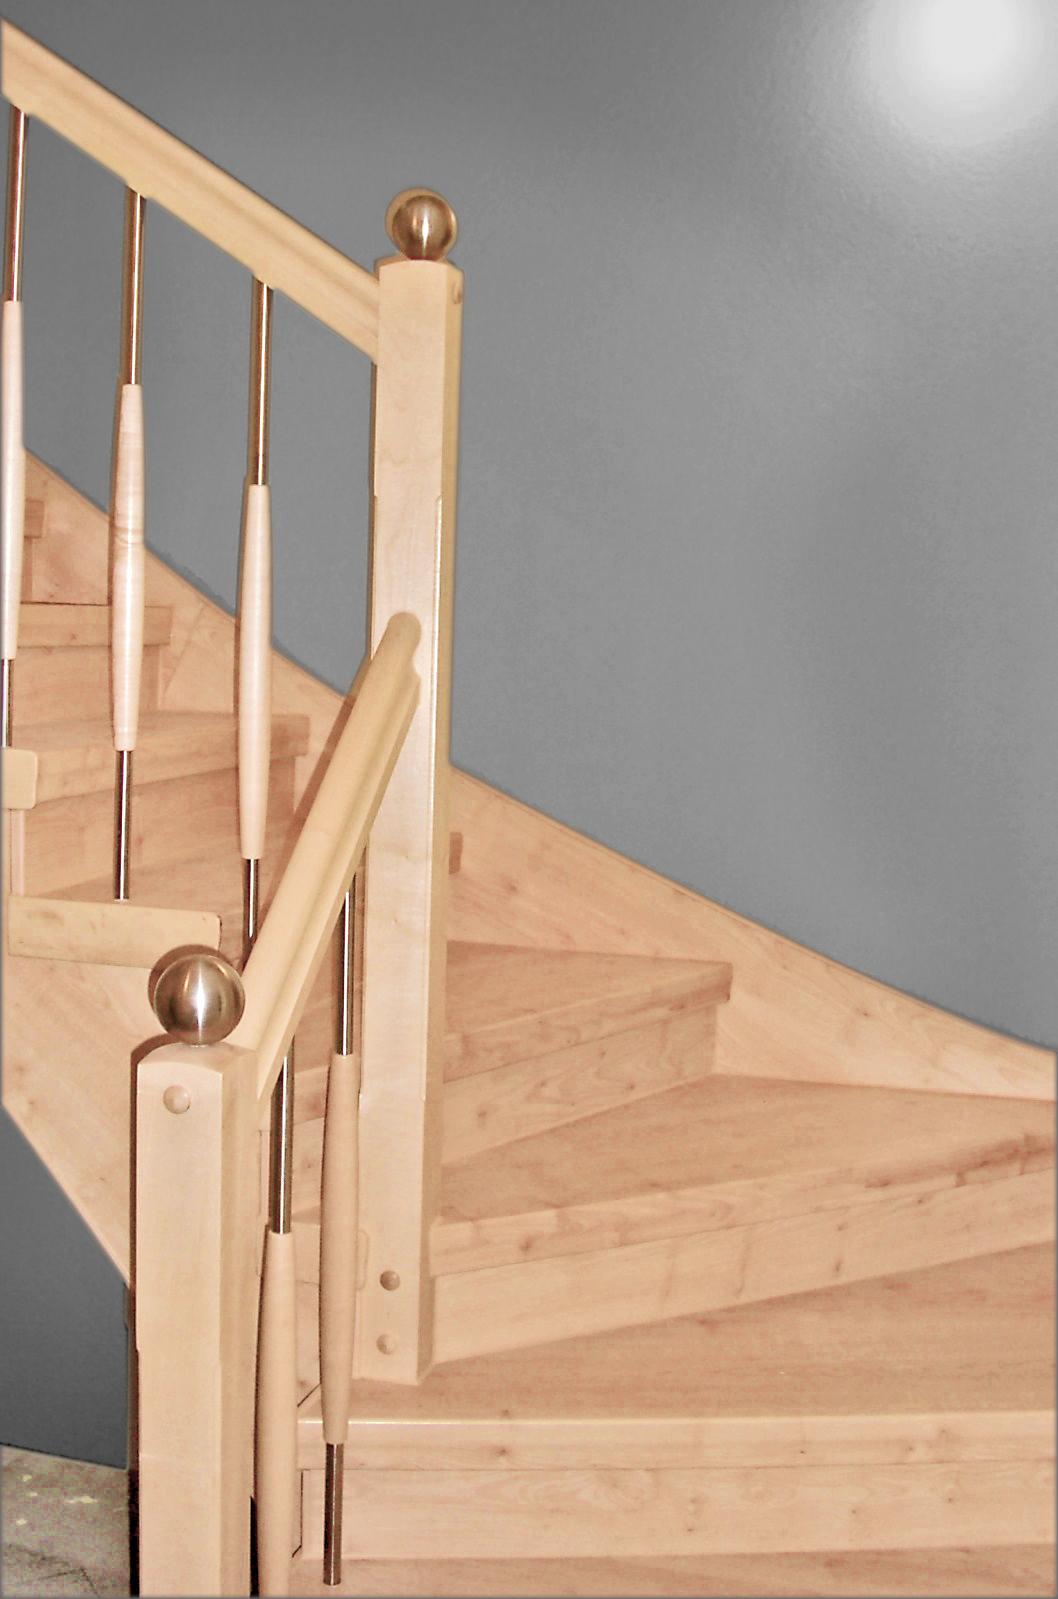 Dresden Laminat Stufen und Holz Edelstahl Treppengeländer in Ahorn